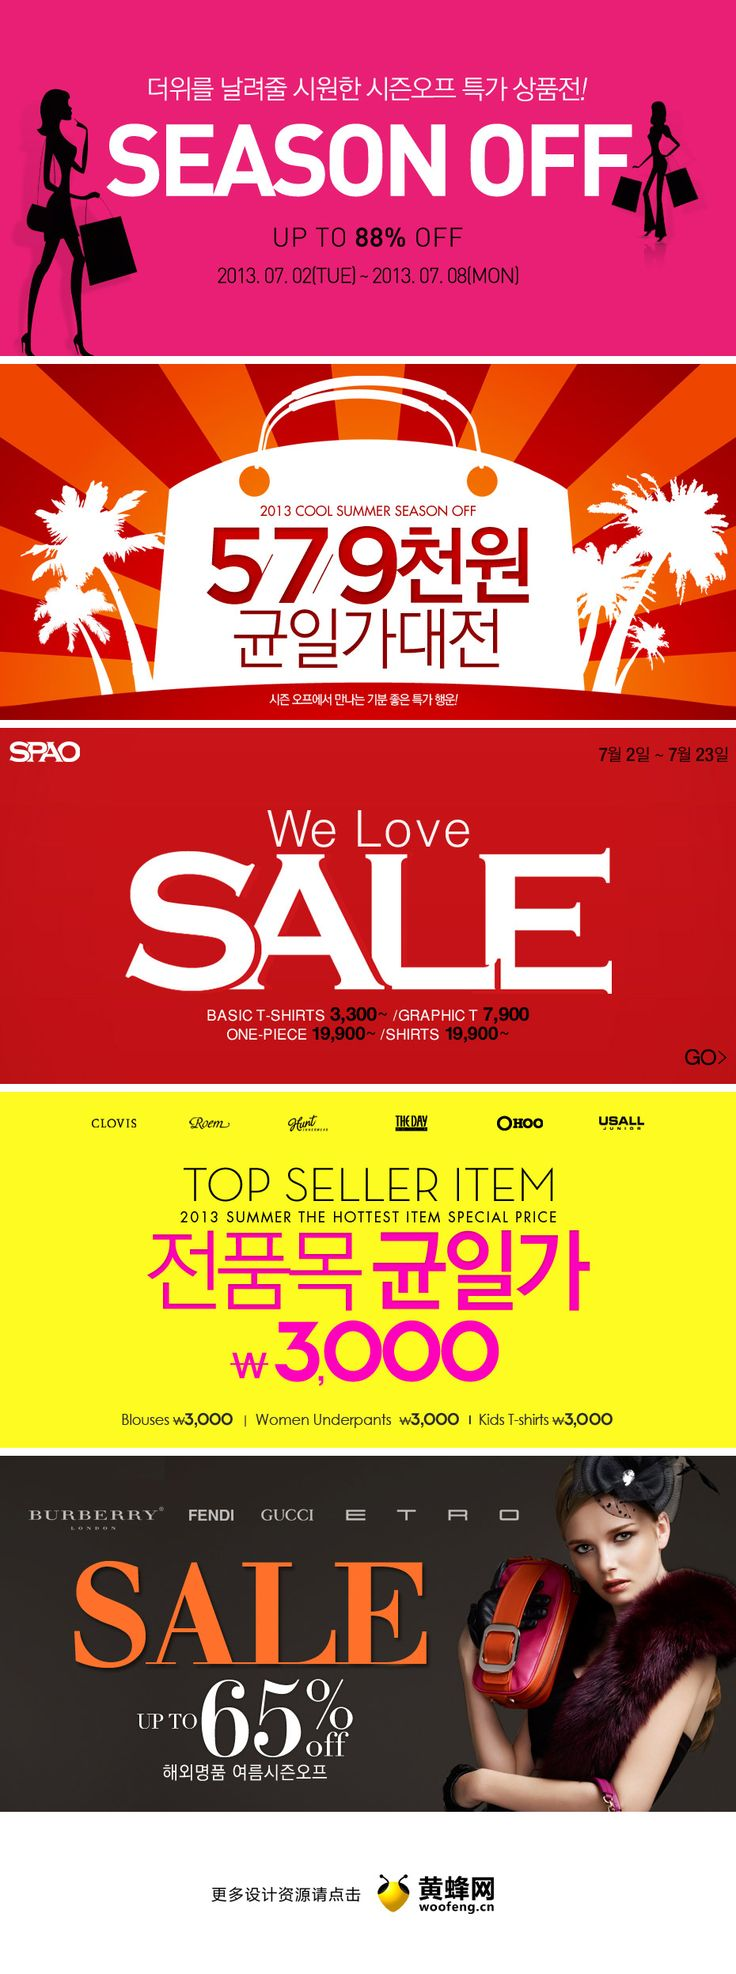 时尚故事网站banner设计欣赏0703,来源自黄蜂网http://woofeng.cn/